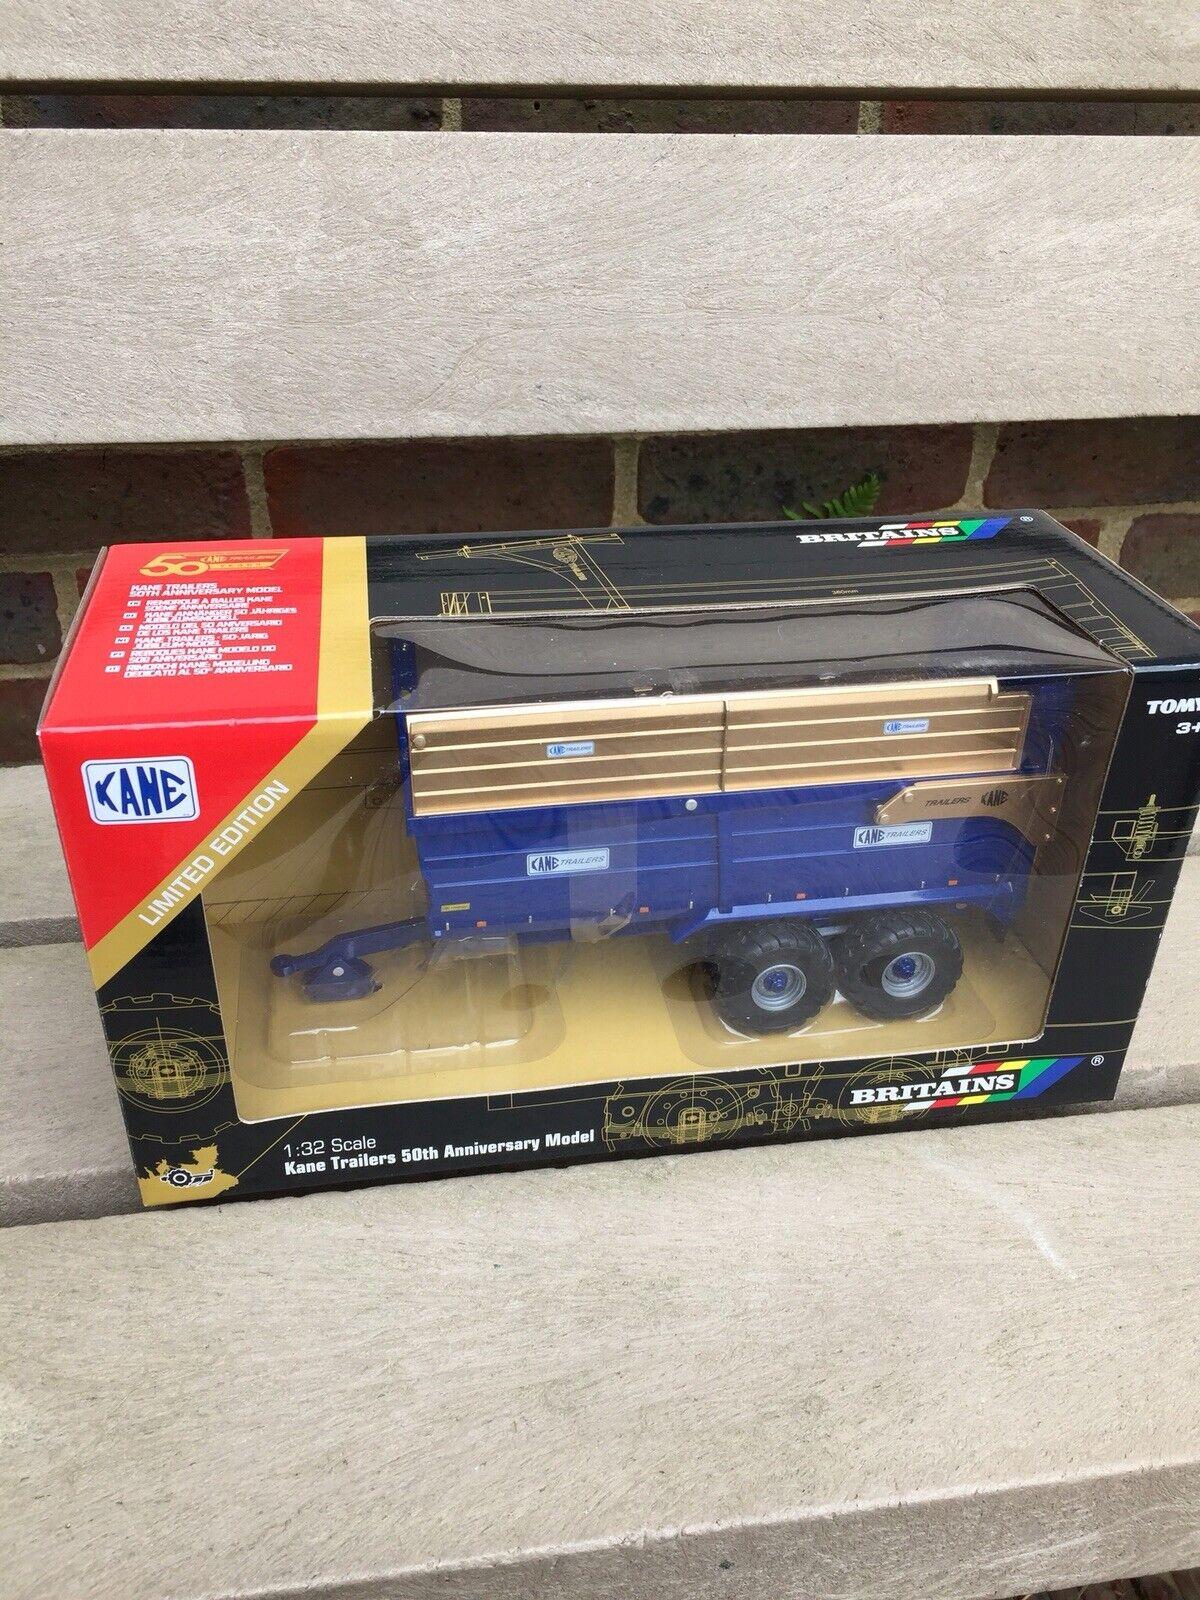 barato 43219 remolque de ensilado de de de Britains oro Kane 1 32 Escala Modelo 50th aniversario  A la venta con descuento del 70%.